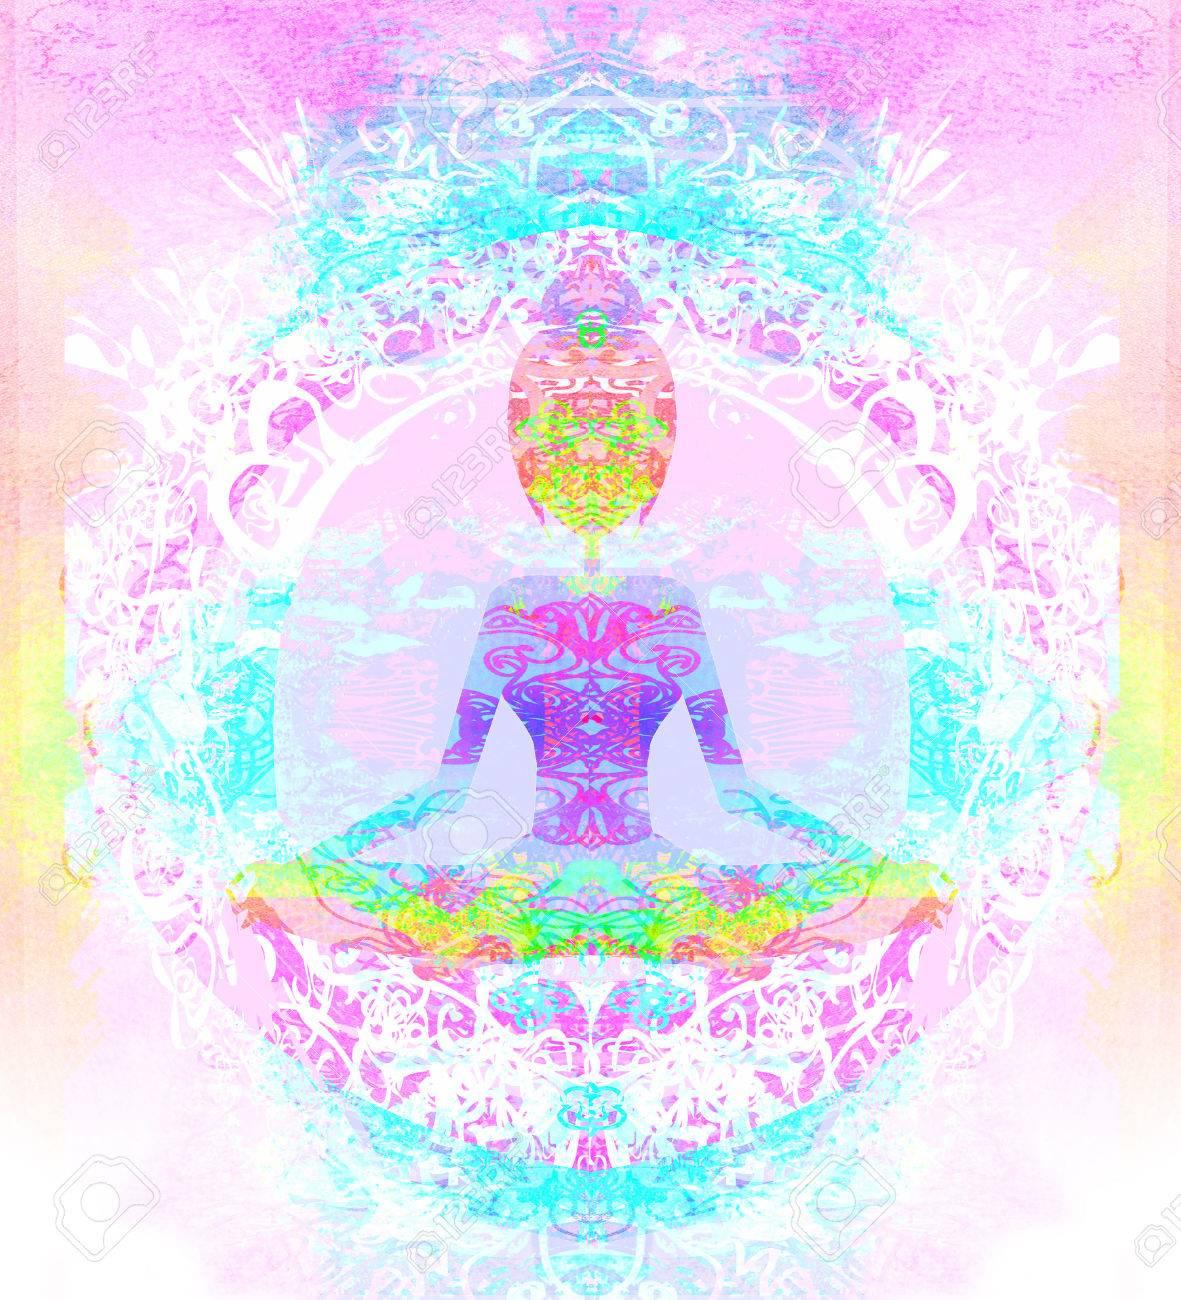 Yoga lotus pose. - 32350170